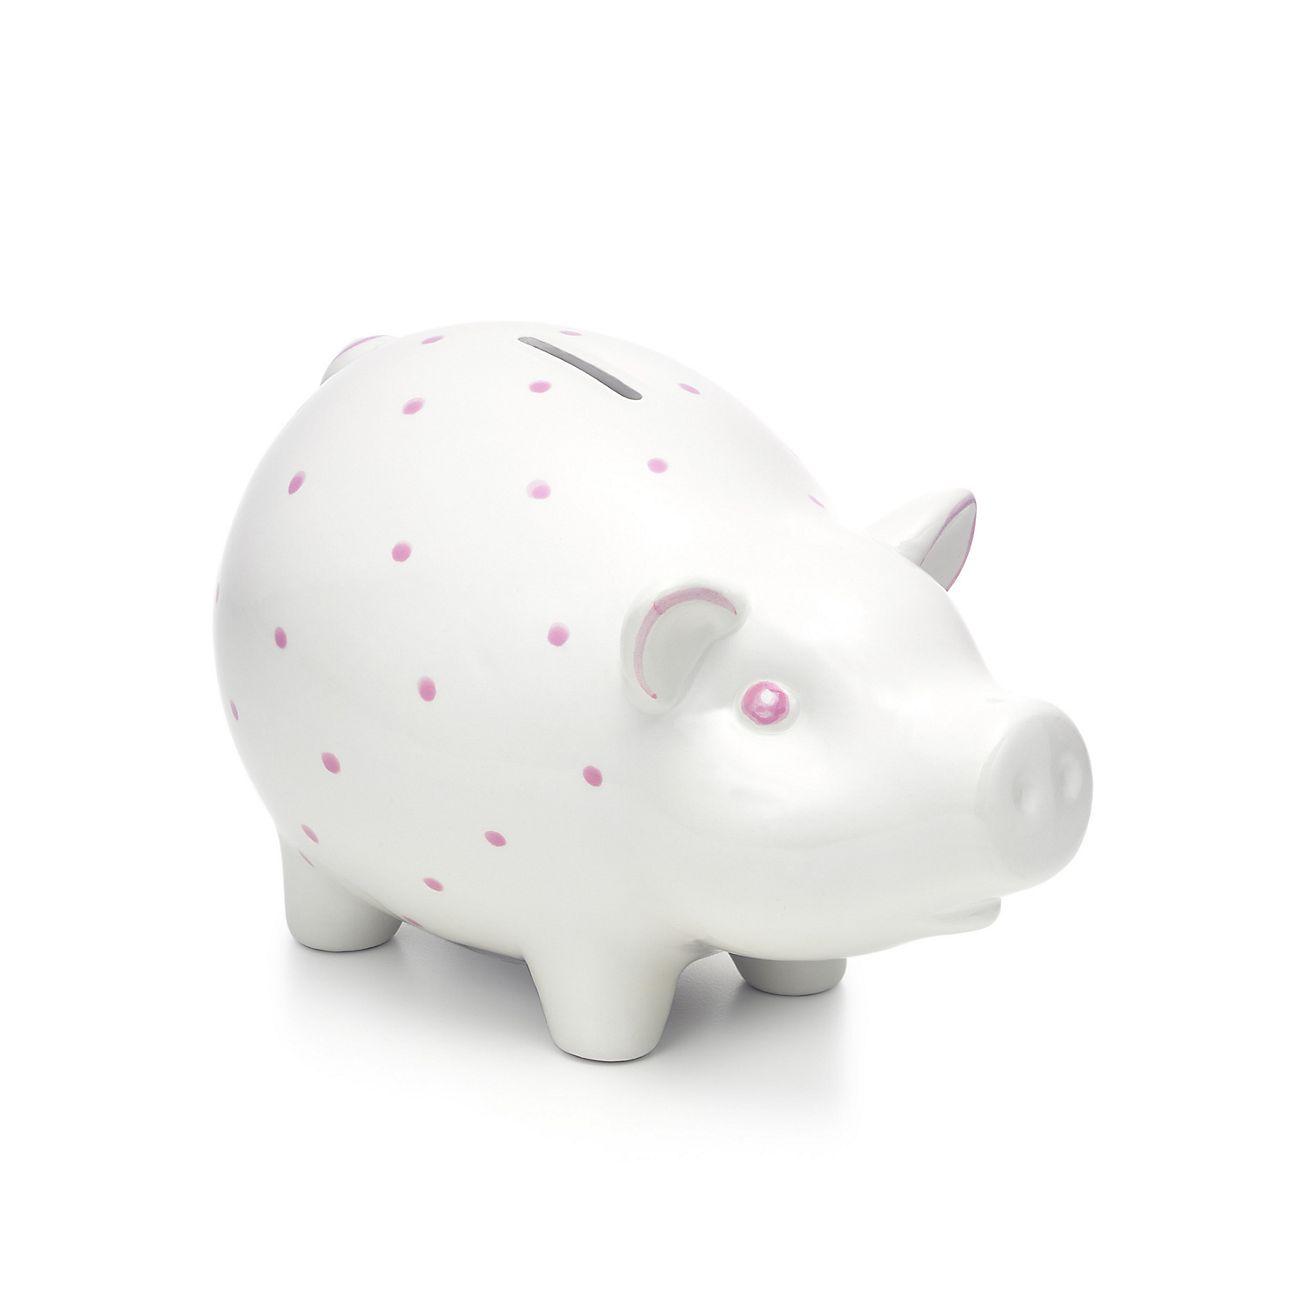 Why Do We Put Money into Piggy Banks?   Mental Floss